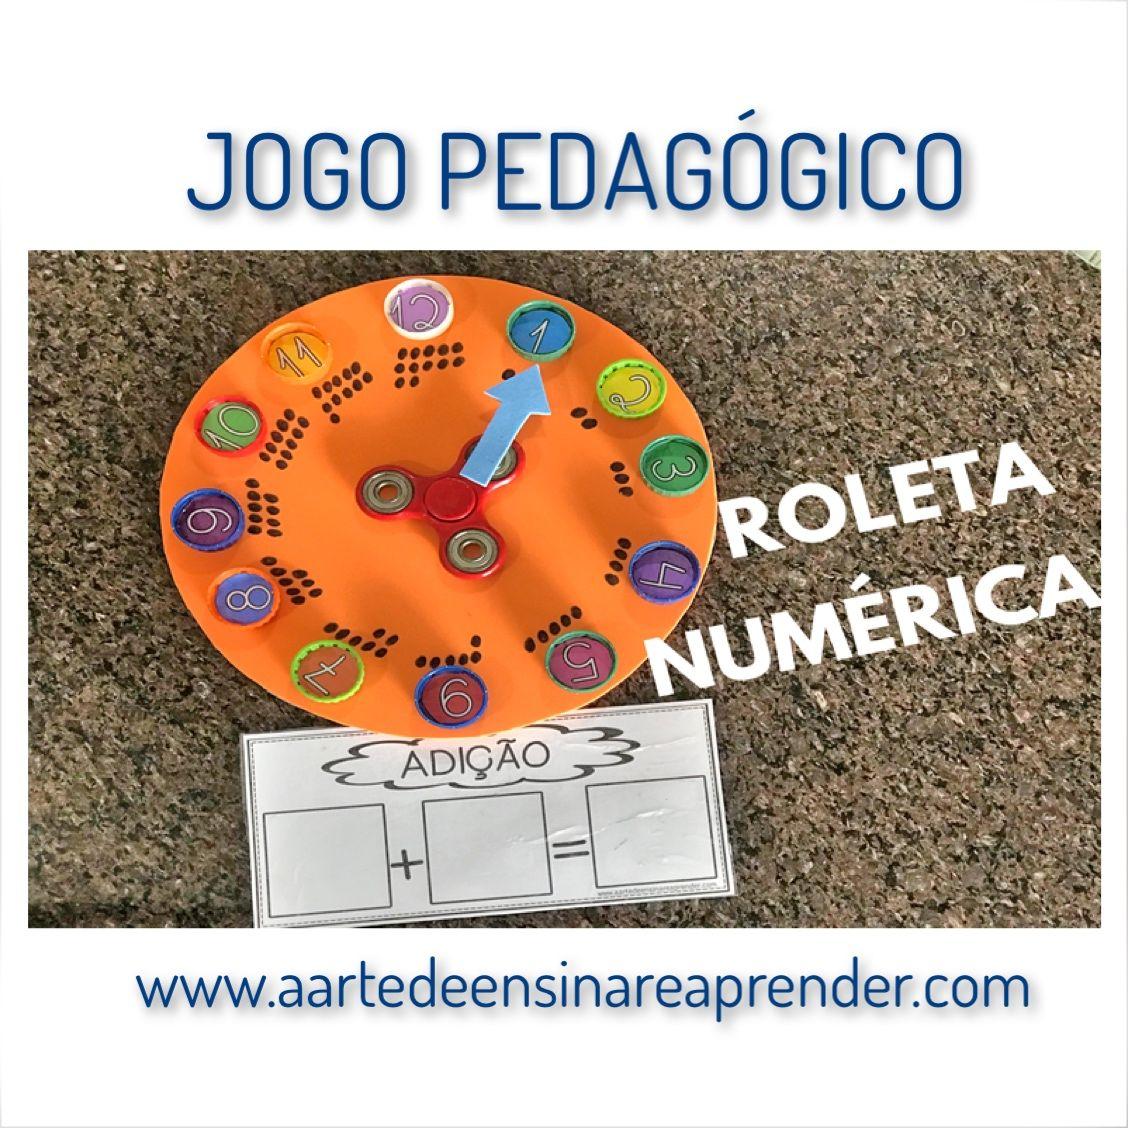 Roleta Numerica Jogos Matematicos Educacao Infantil Projeto Educacao Infantil Jogos Educacao Infantil